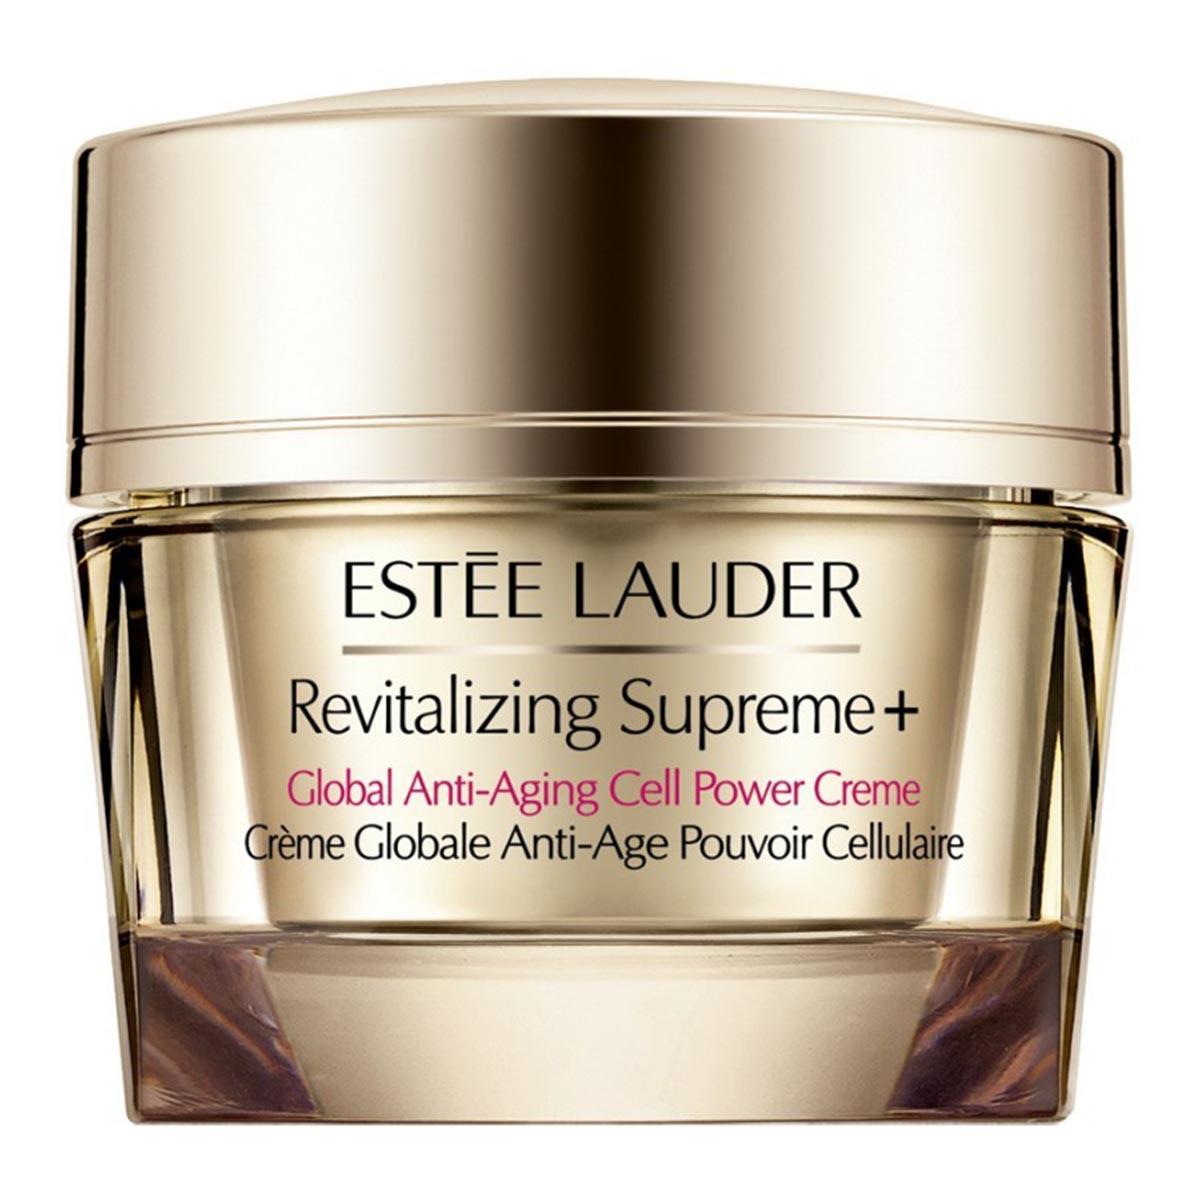 Estee lauder revitalizing supreme anti age cream 50ml